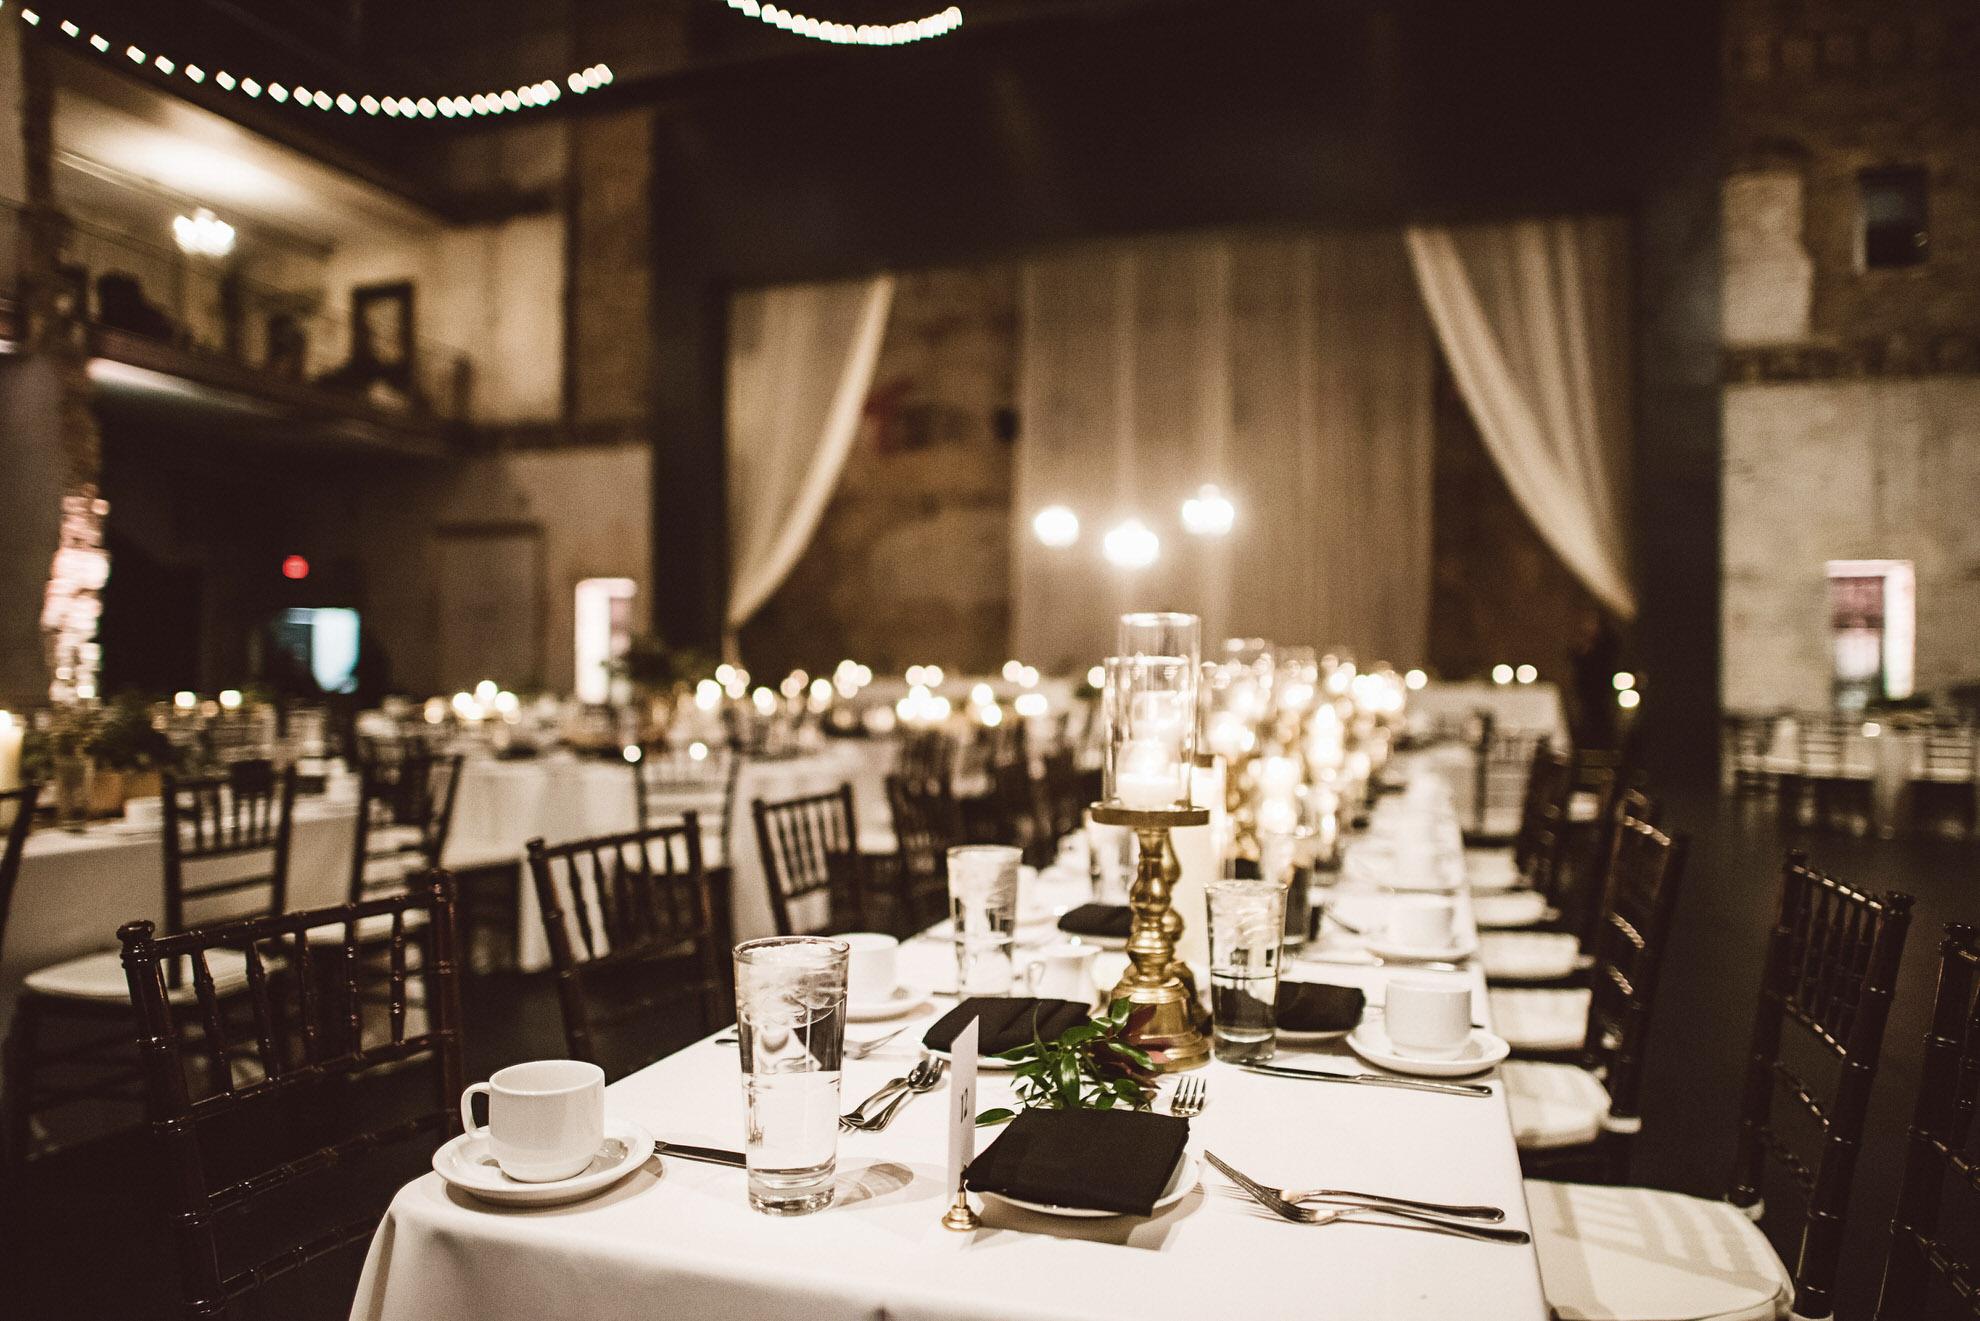 erika_Alex_wedding_by_lucas_botz_photography_0510.jpg